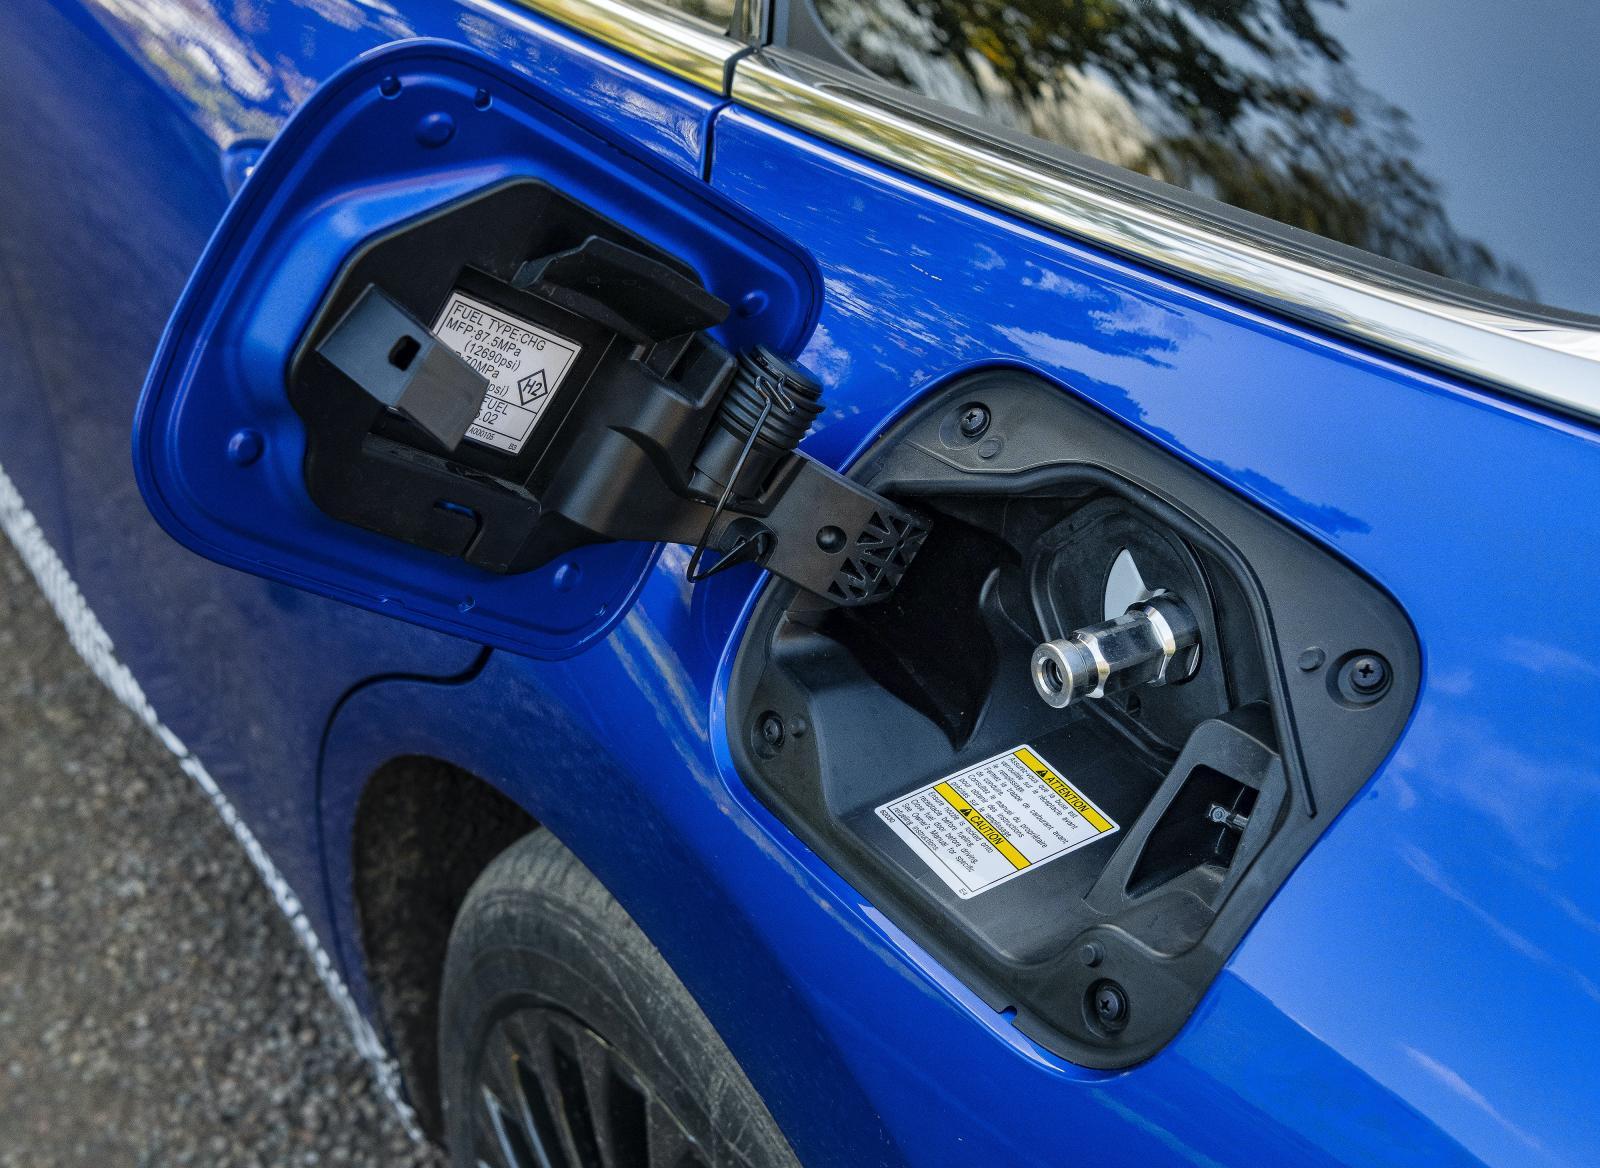 Bränslecellsbilen tankas på samma sätt som en gasdriven bil. Trycket i tankarna är 700 bar.